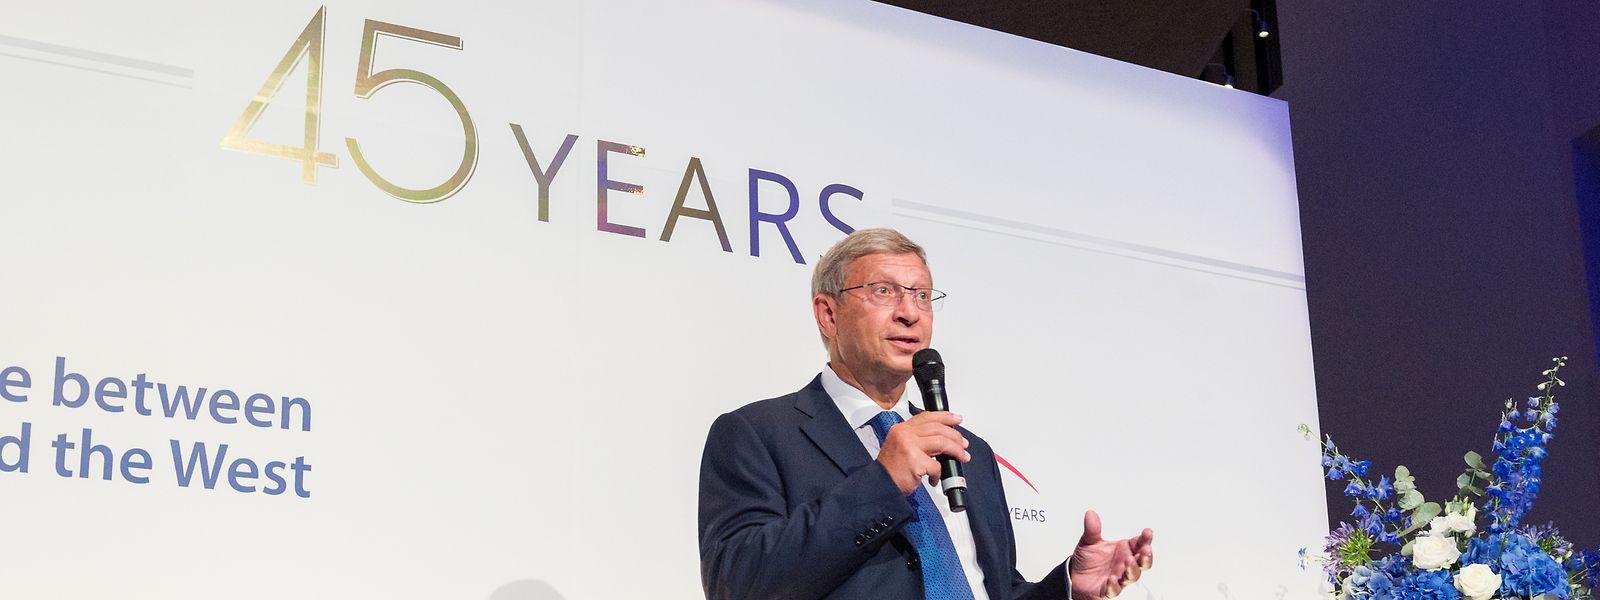 Wladimir Jewtuschenkow gründete den Konzern Sistema, dem die East-West United Bank gehört.